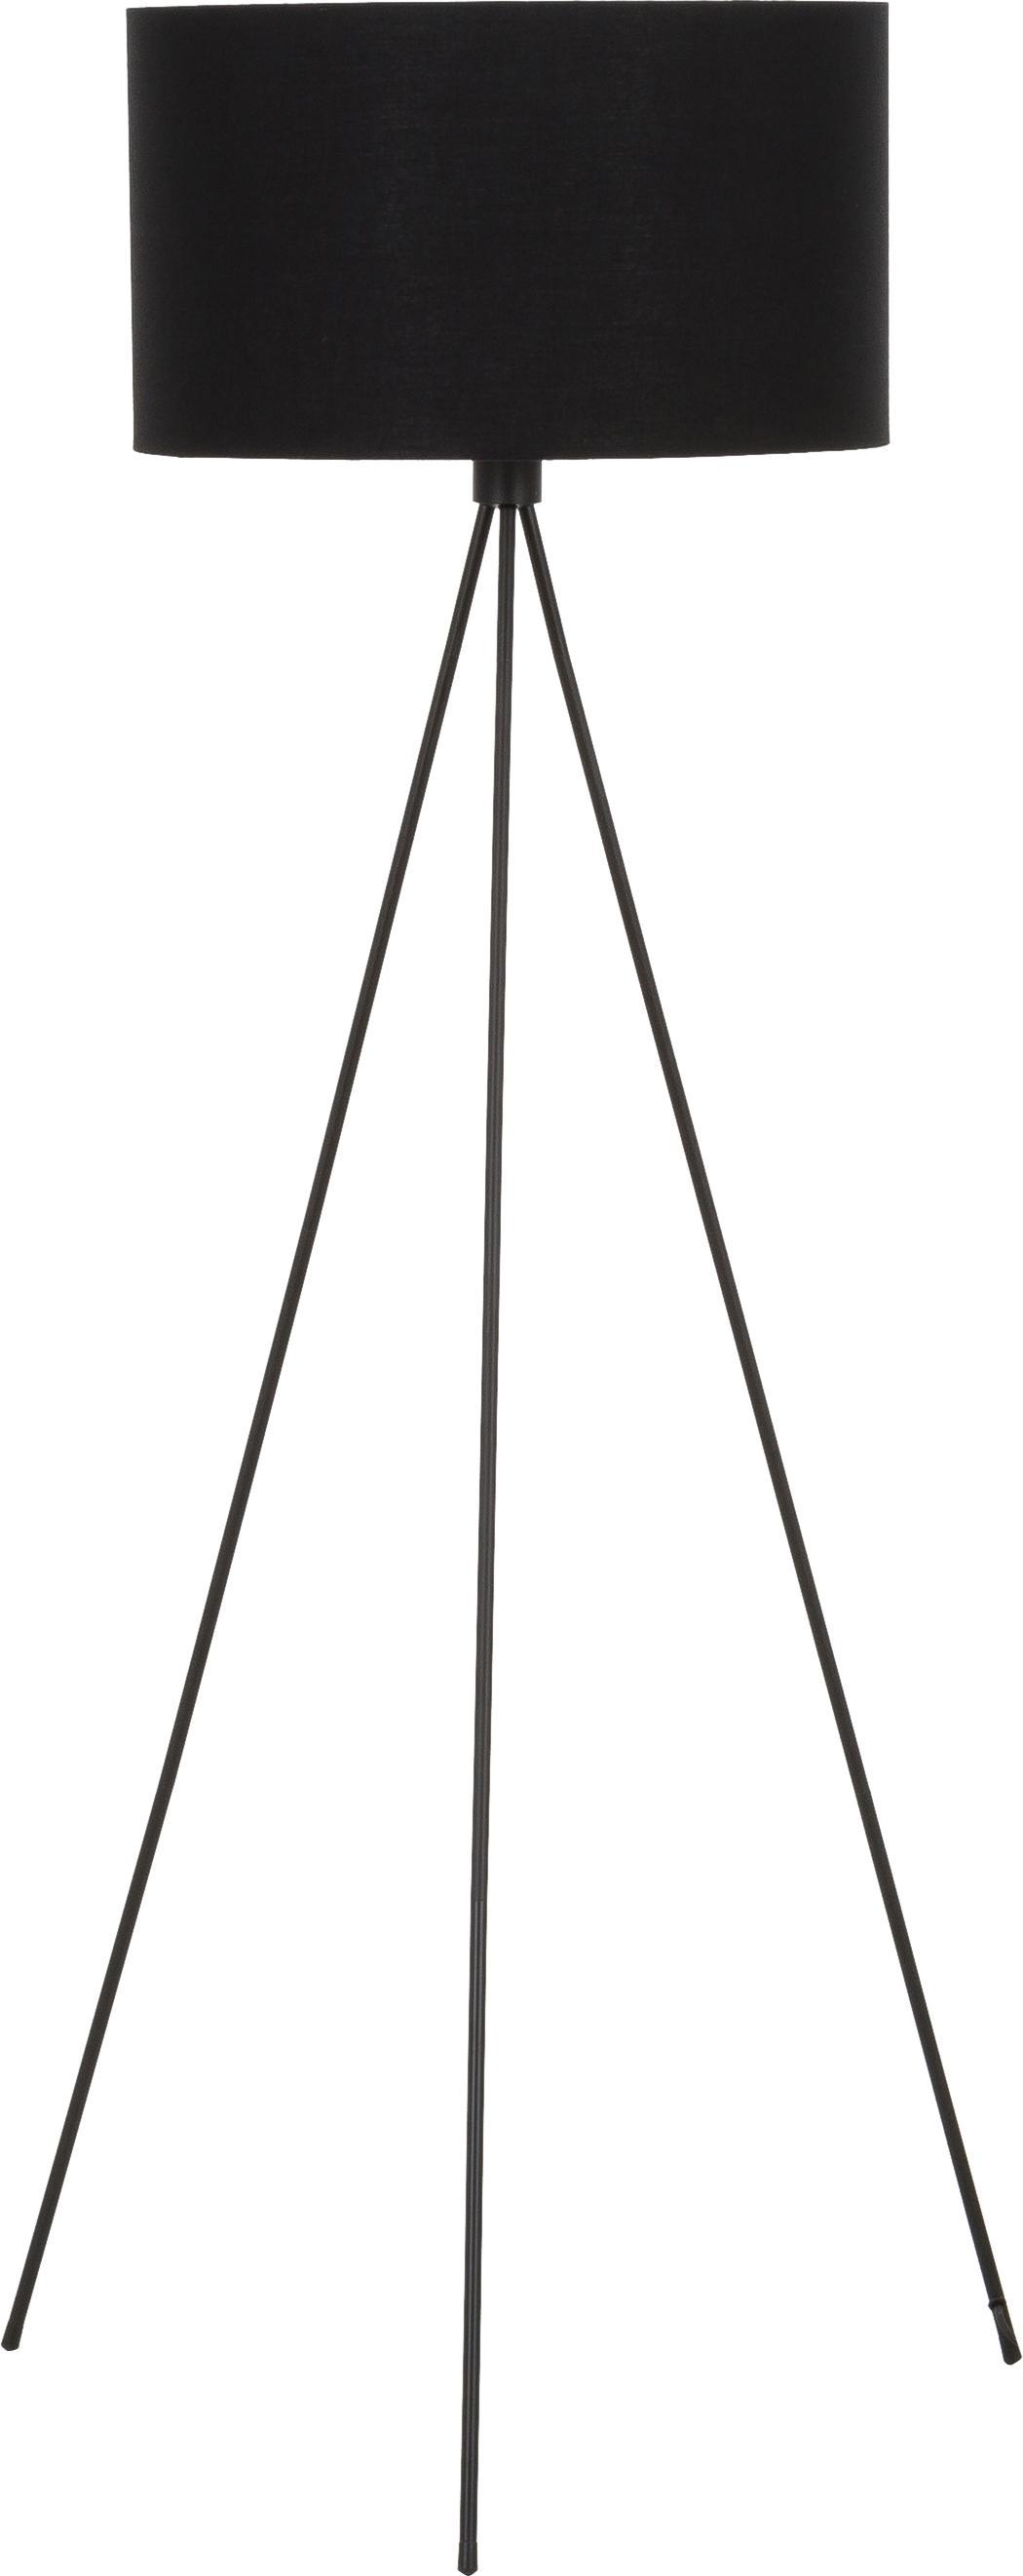 Lampada da terra Cella, Paralume: miscela di cotone, Base della lampada: metallo verniciato a polv, Nero, Ø 48 x Alt. 158 cm